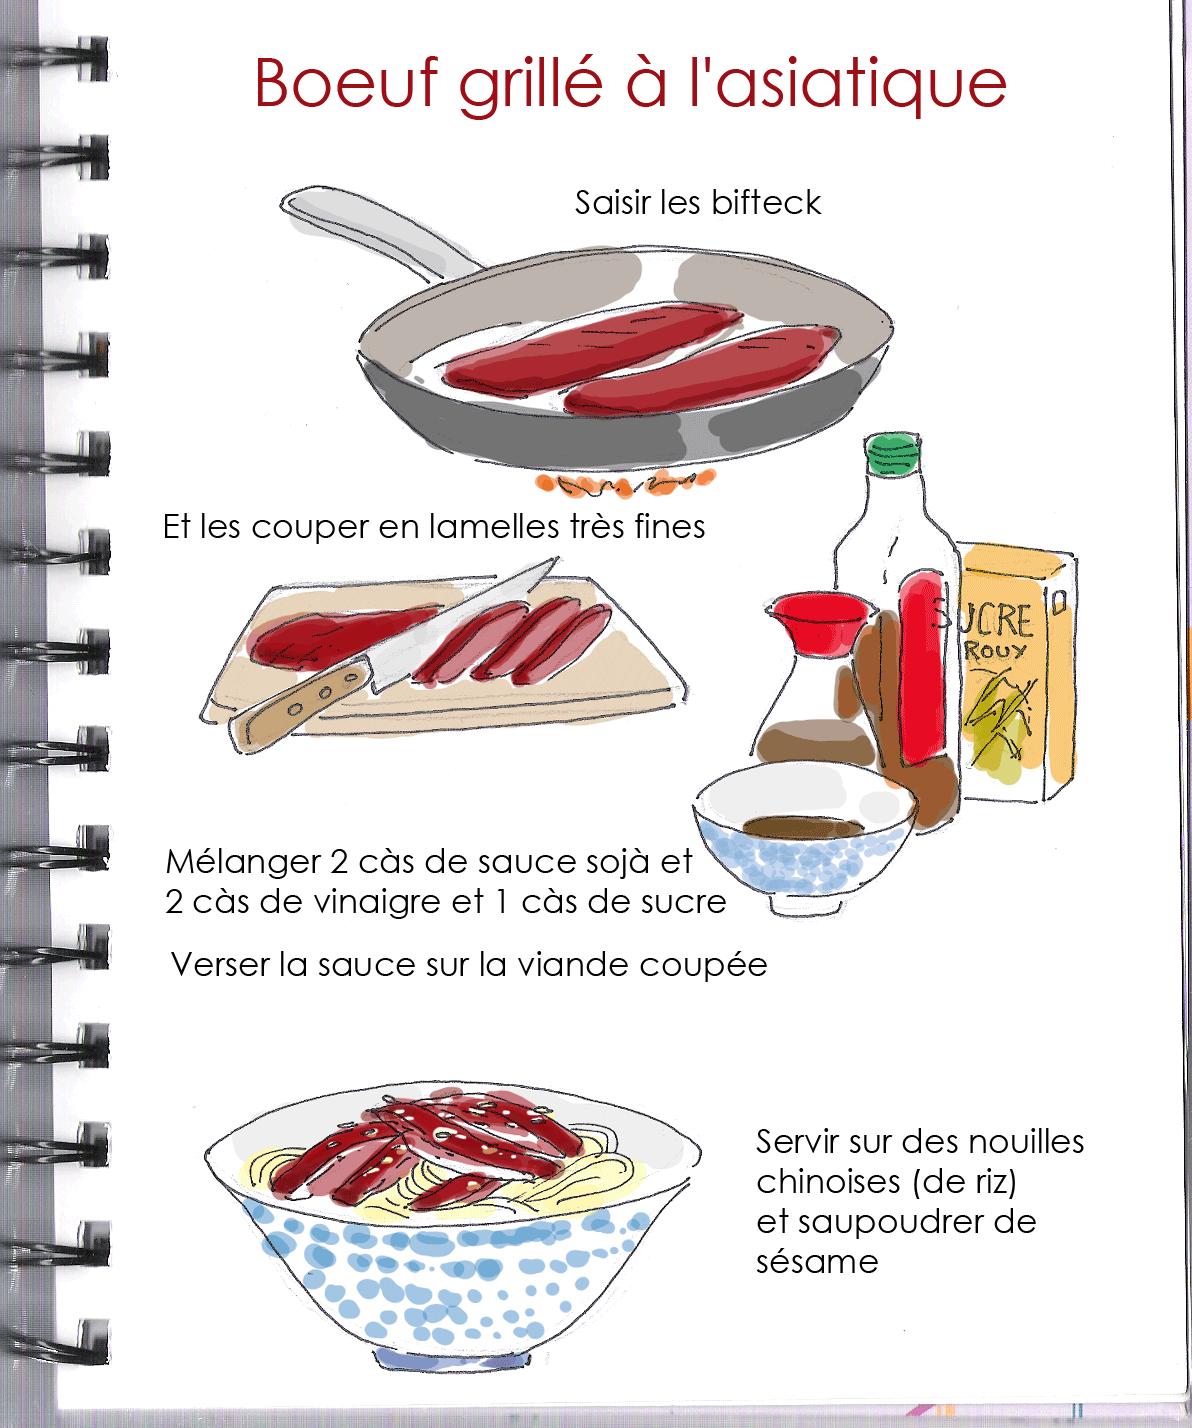 Design livre de cuisine asiatique 23 montreuil - Livre de cuisine asiatique ...